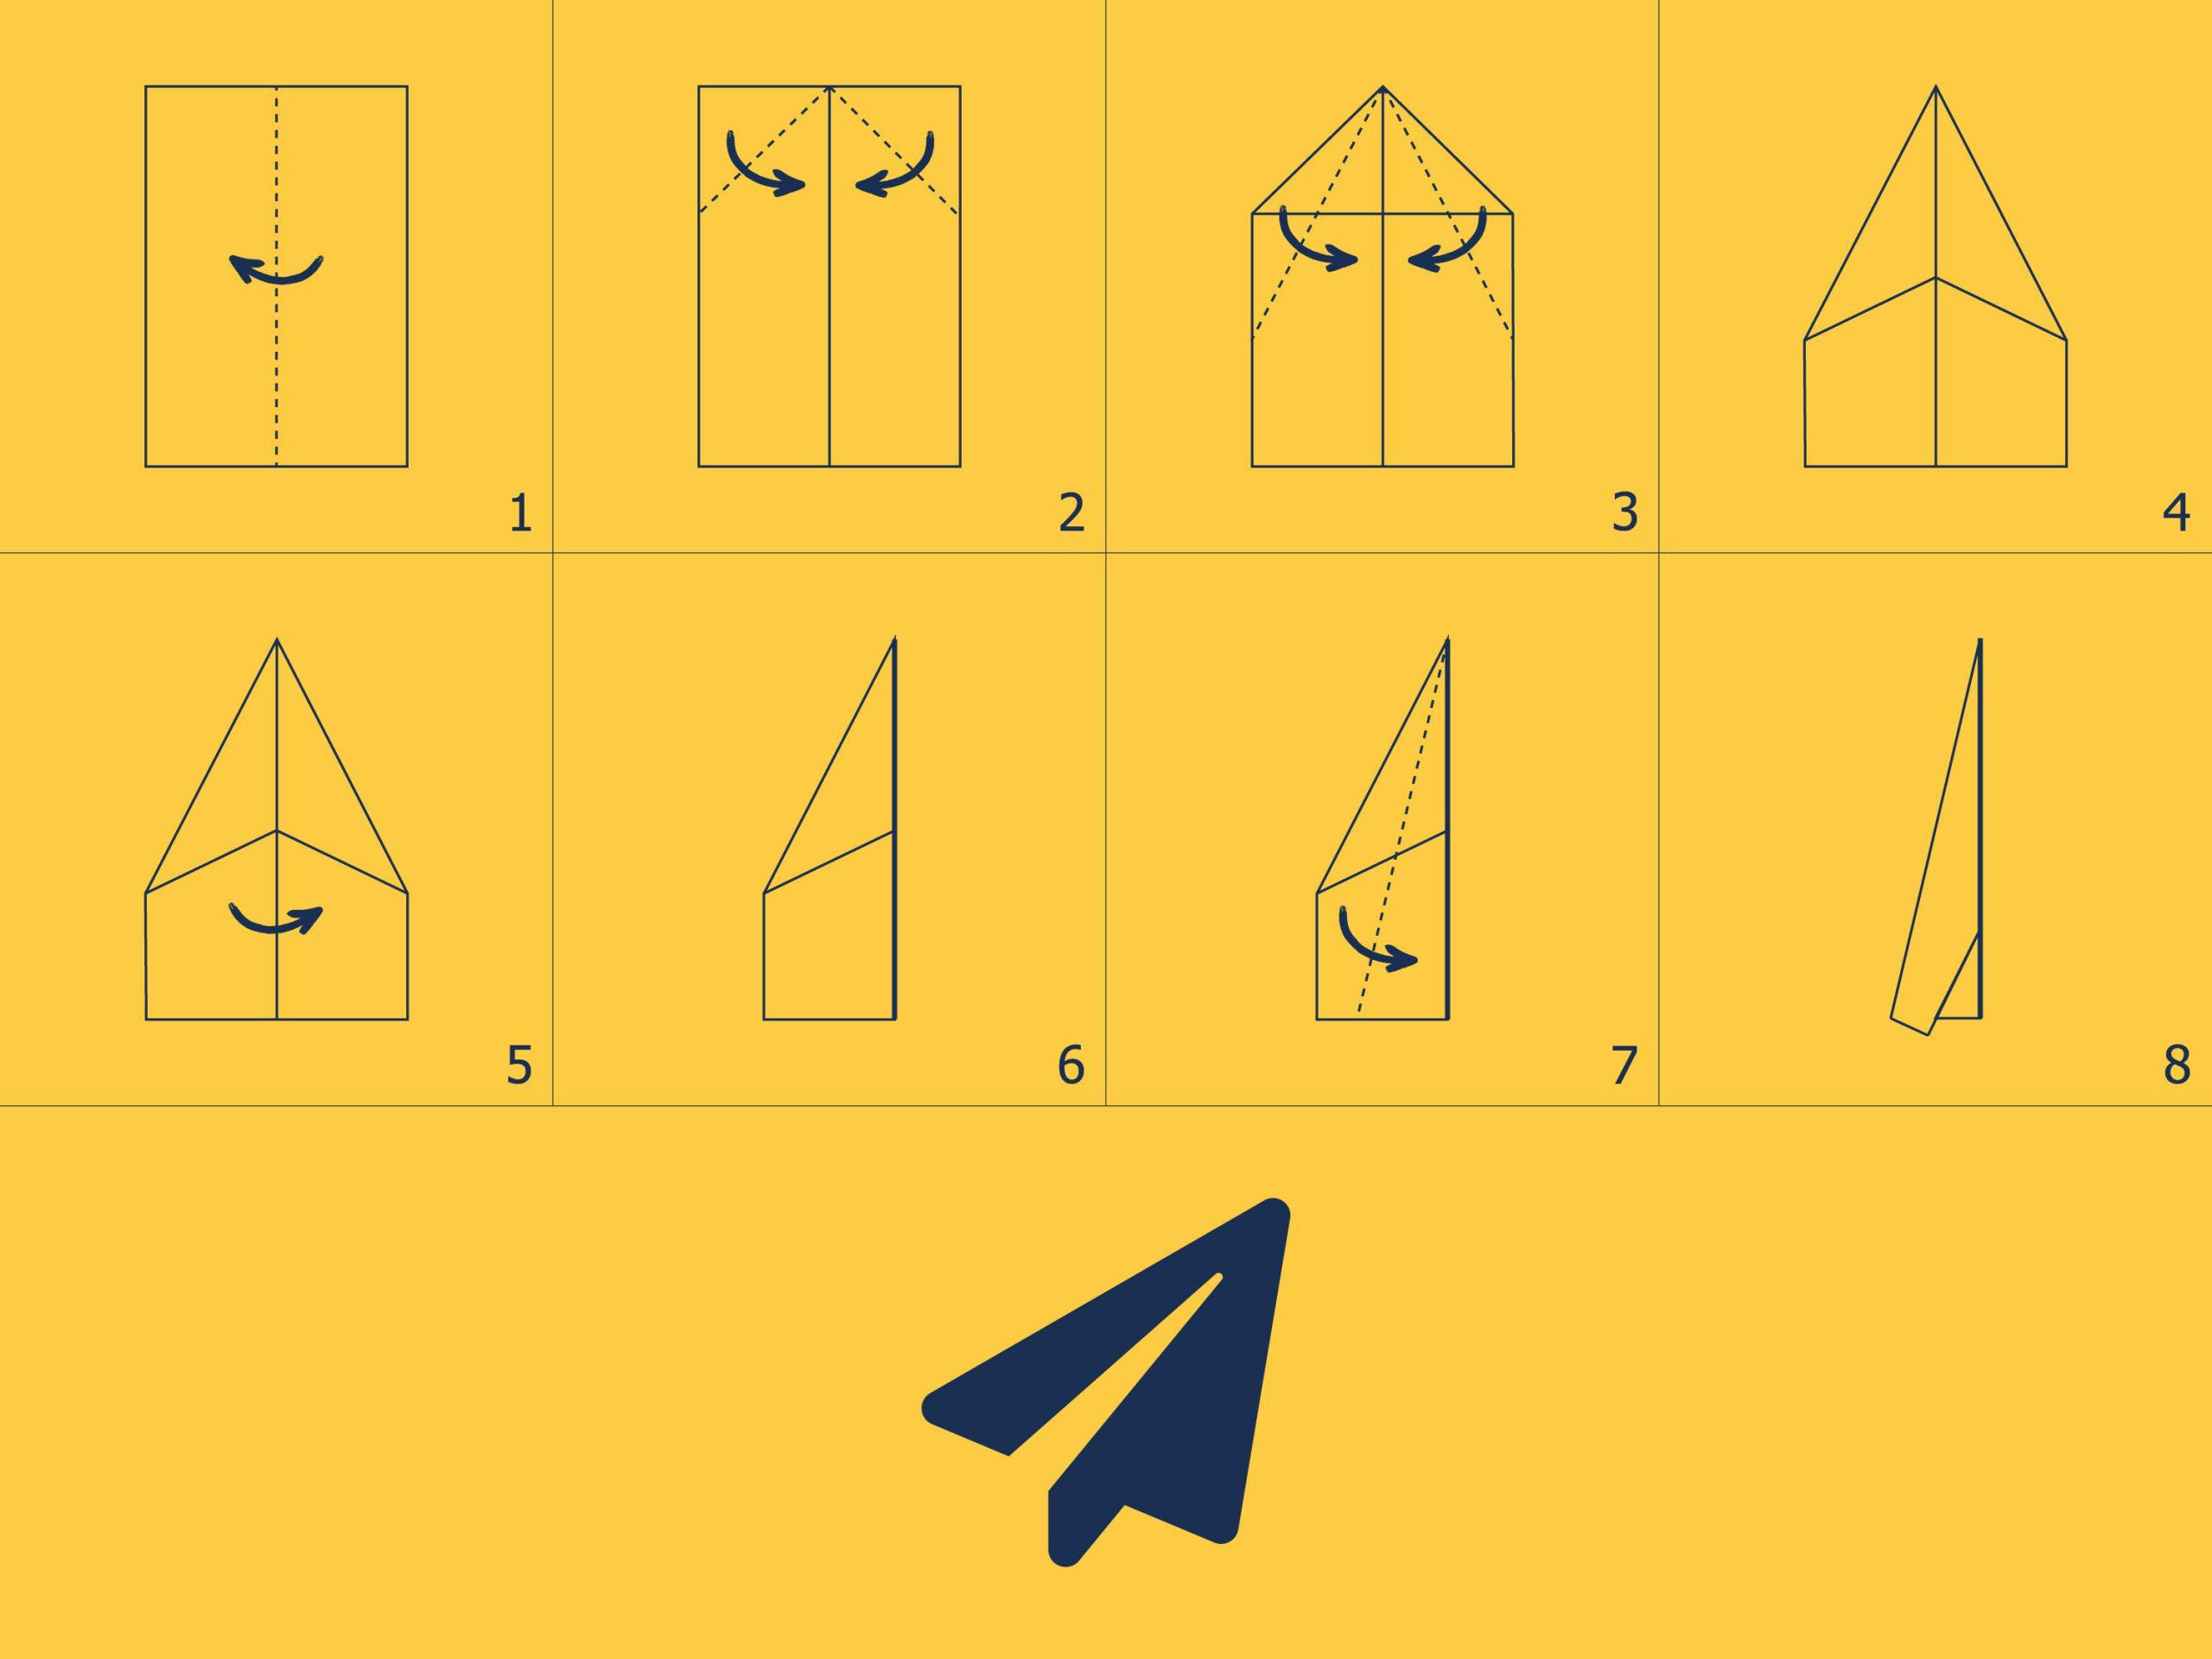 folt an airplane